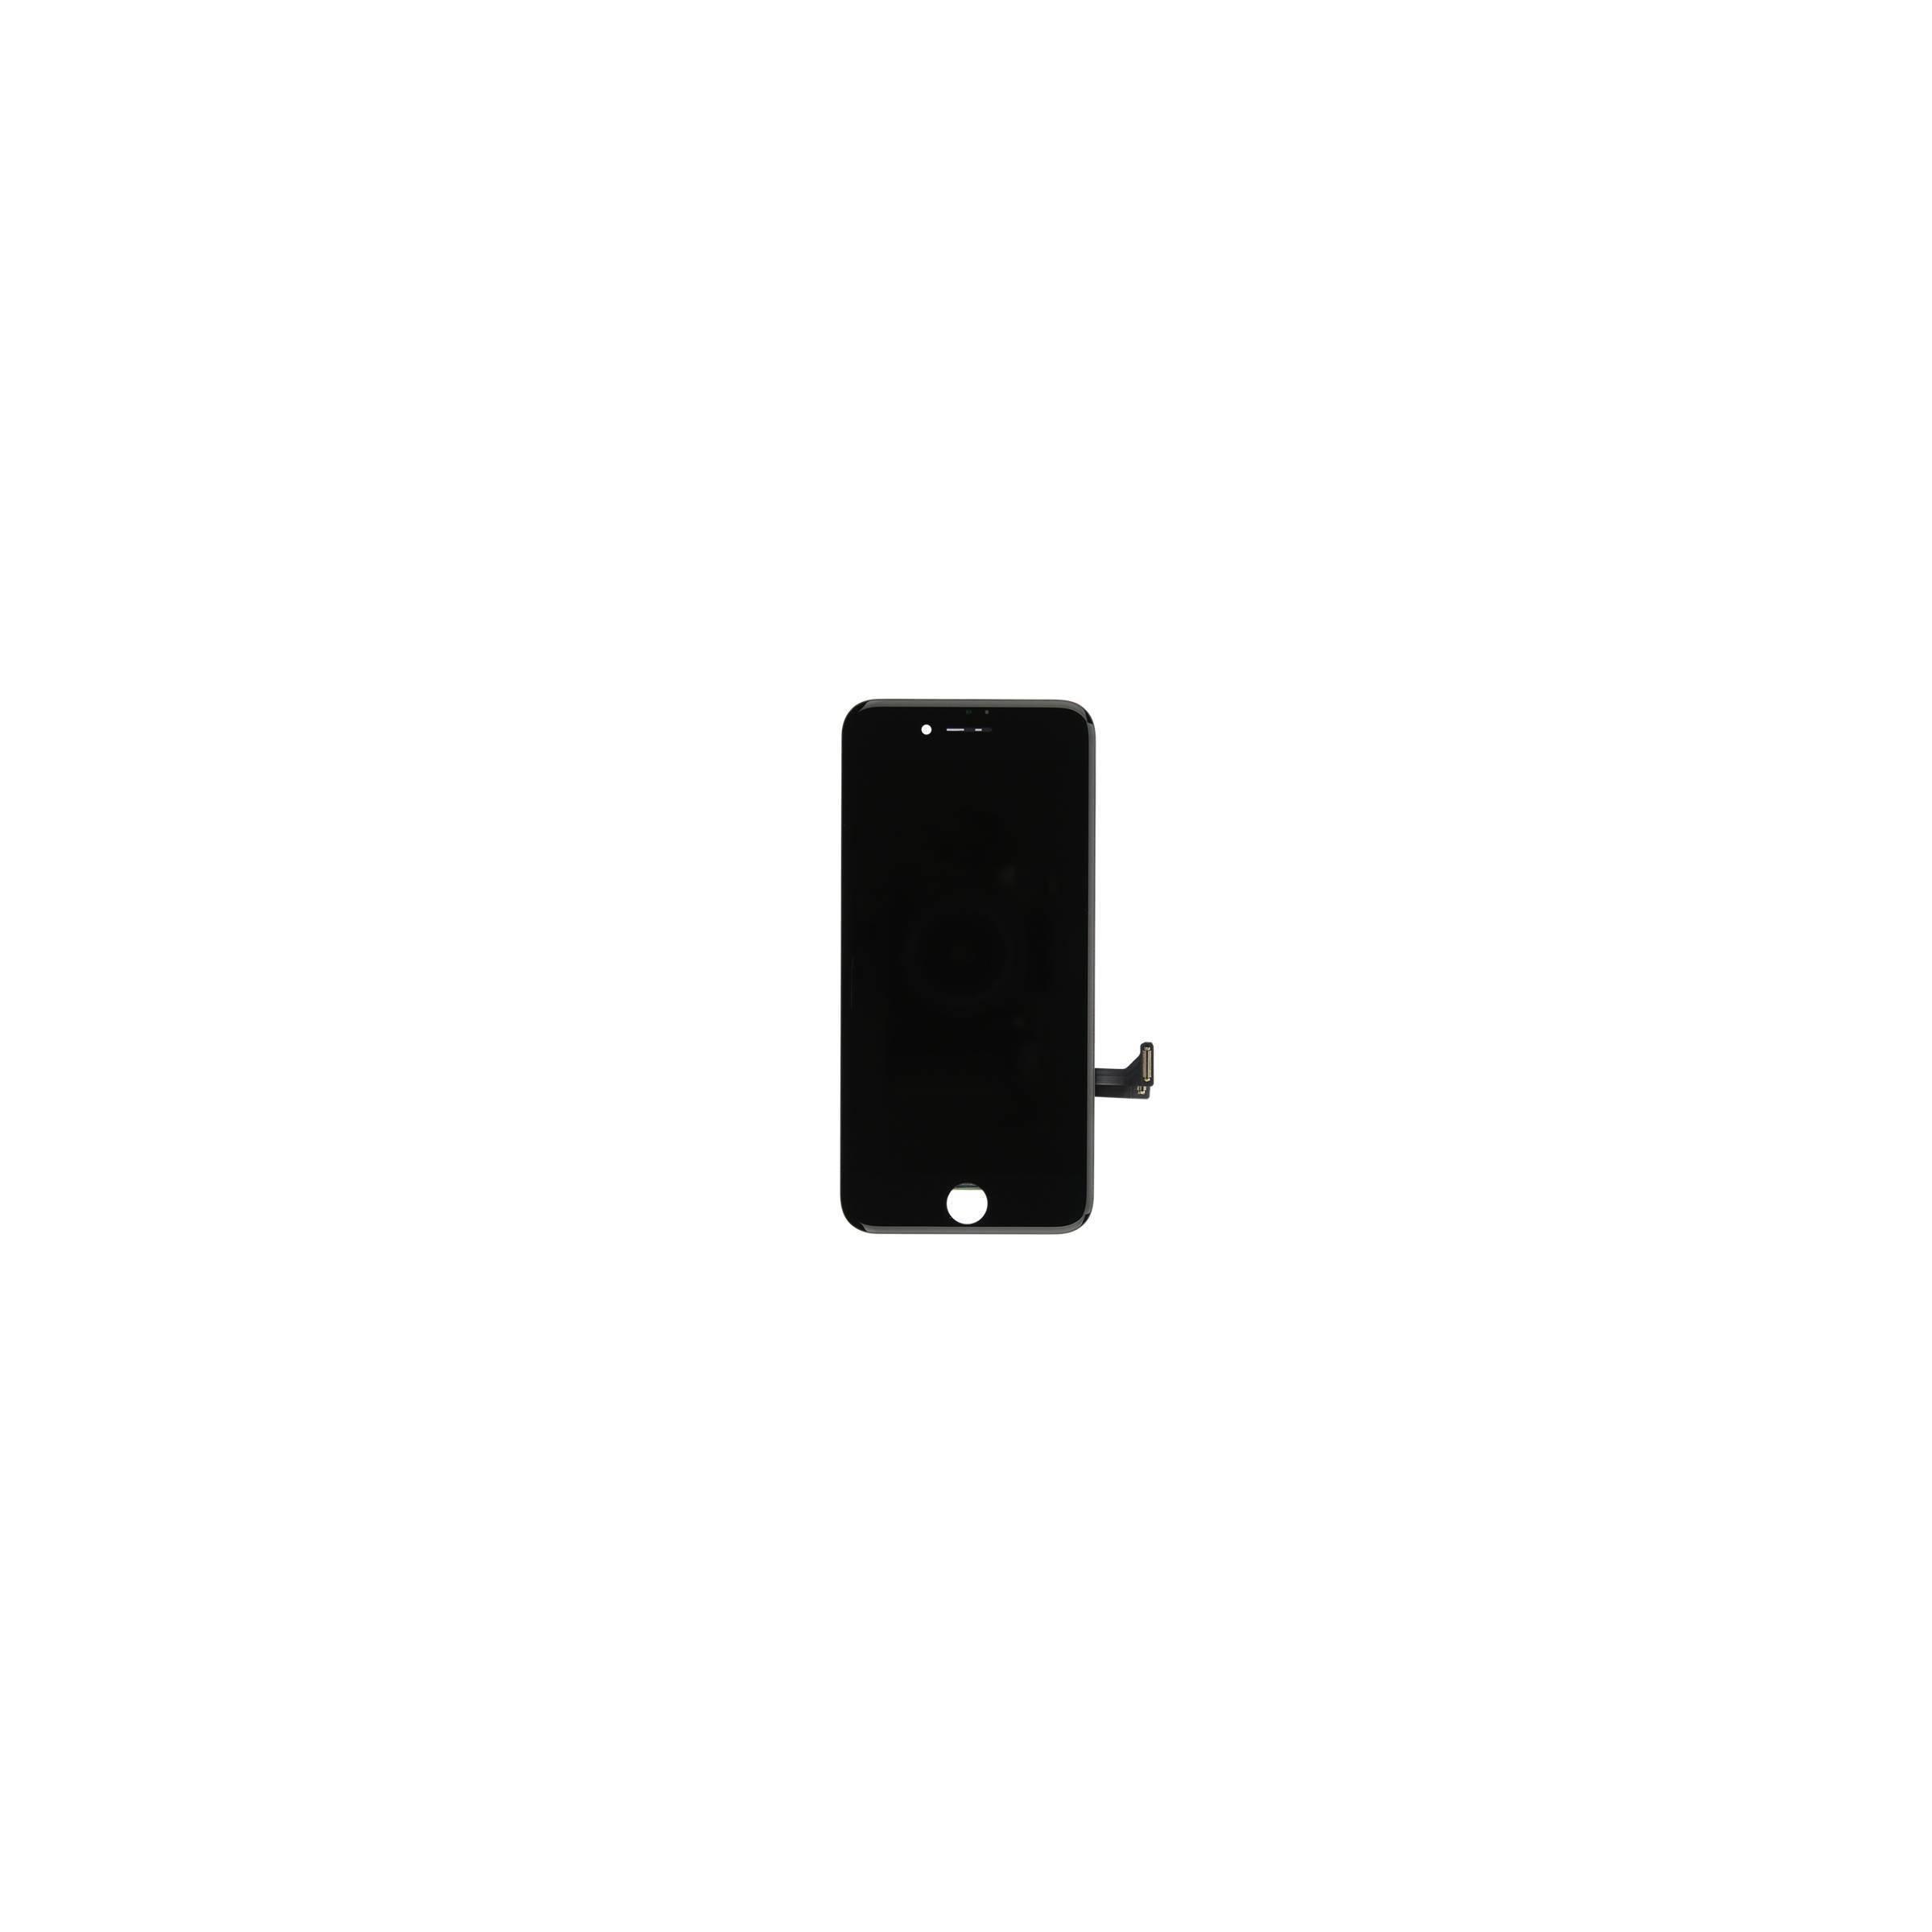 Iphone 7 skærm i høj kvalitet farve sort fra sinox fra mackabler.dk